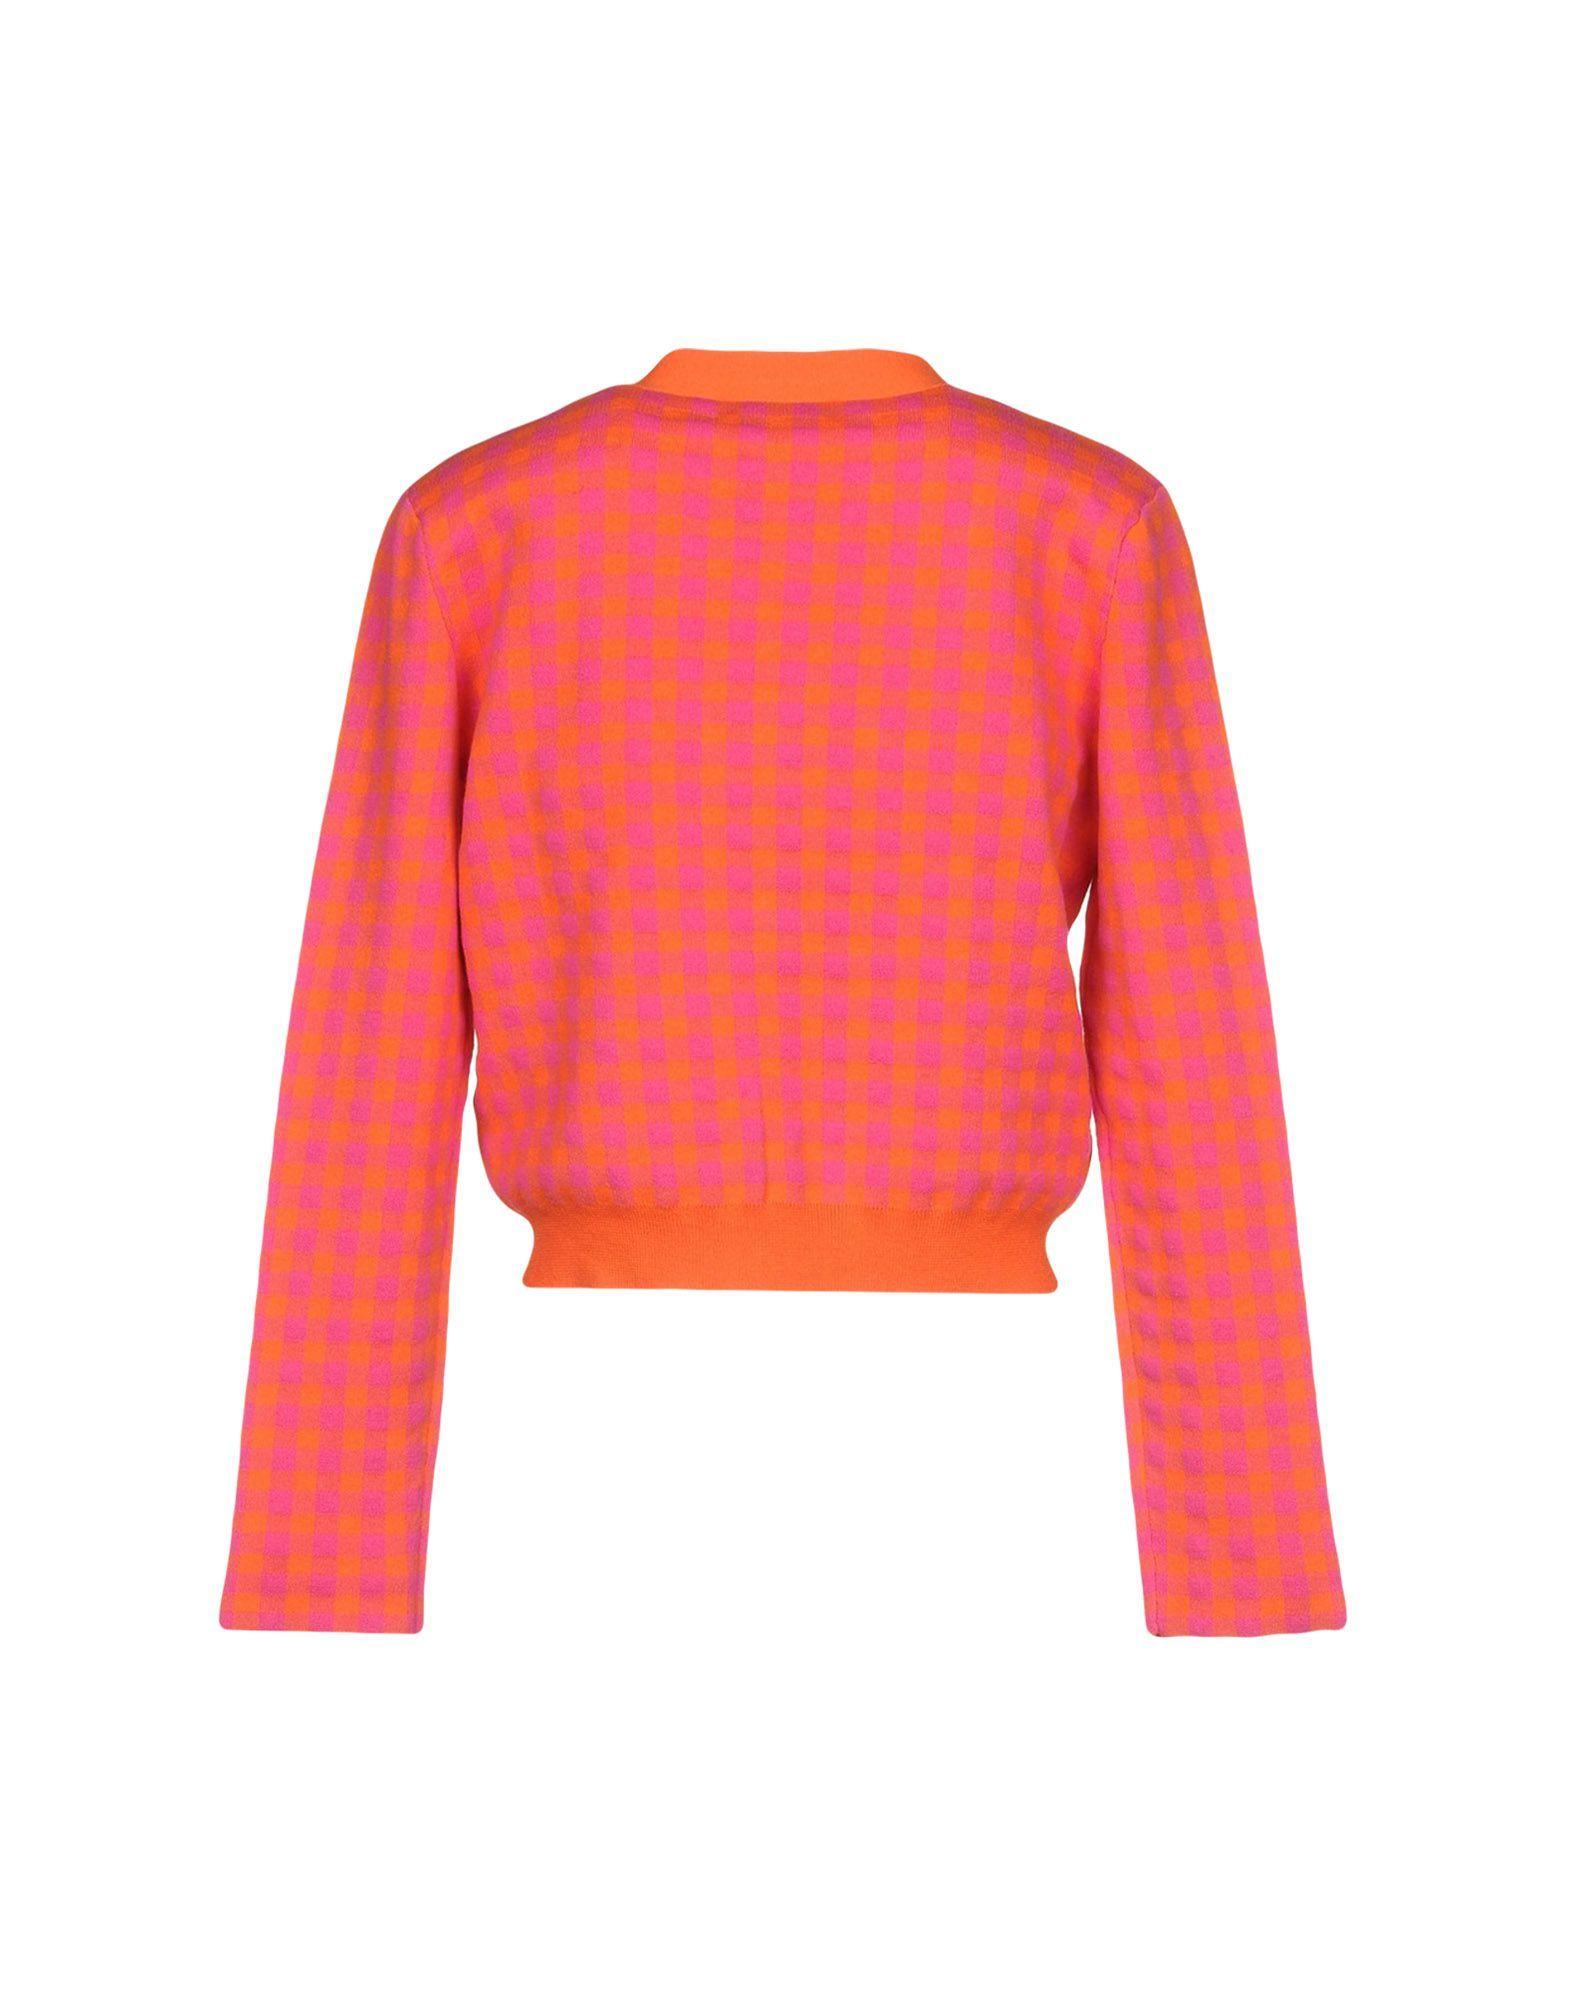 KNITWEAR L'Edition Orange Woman Cotton